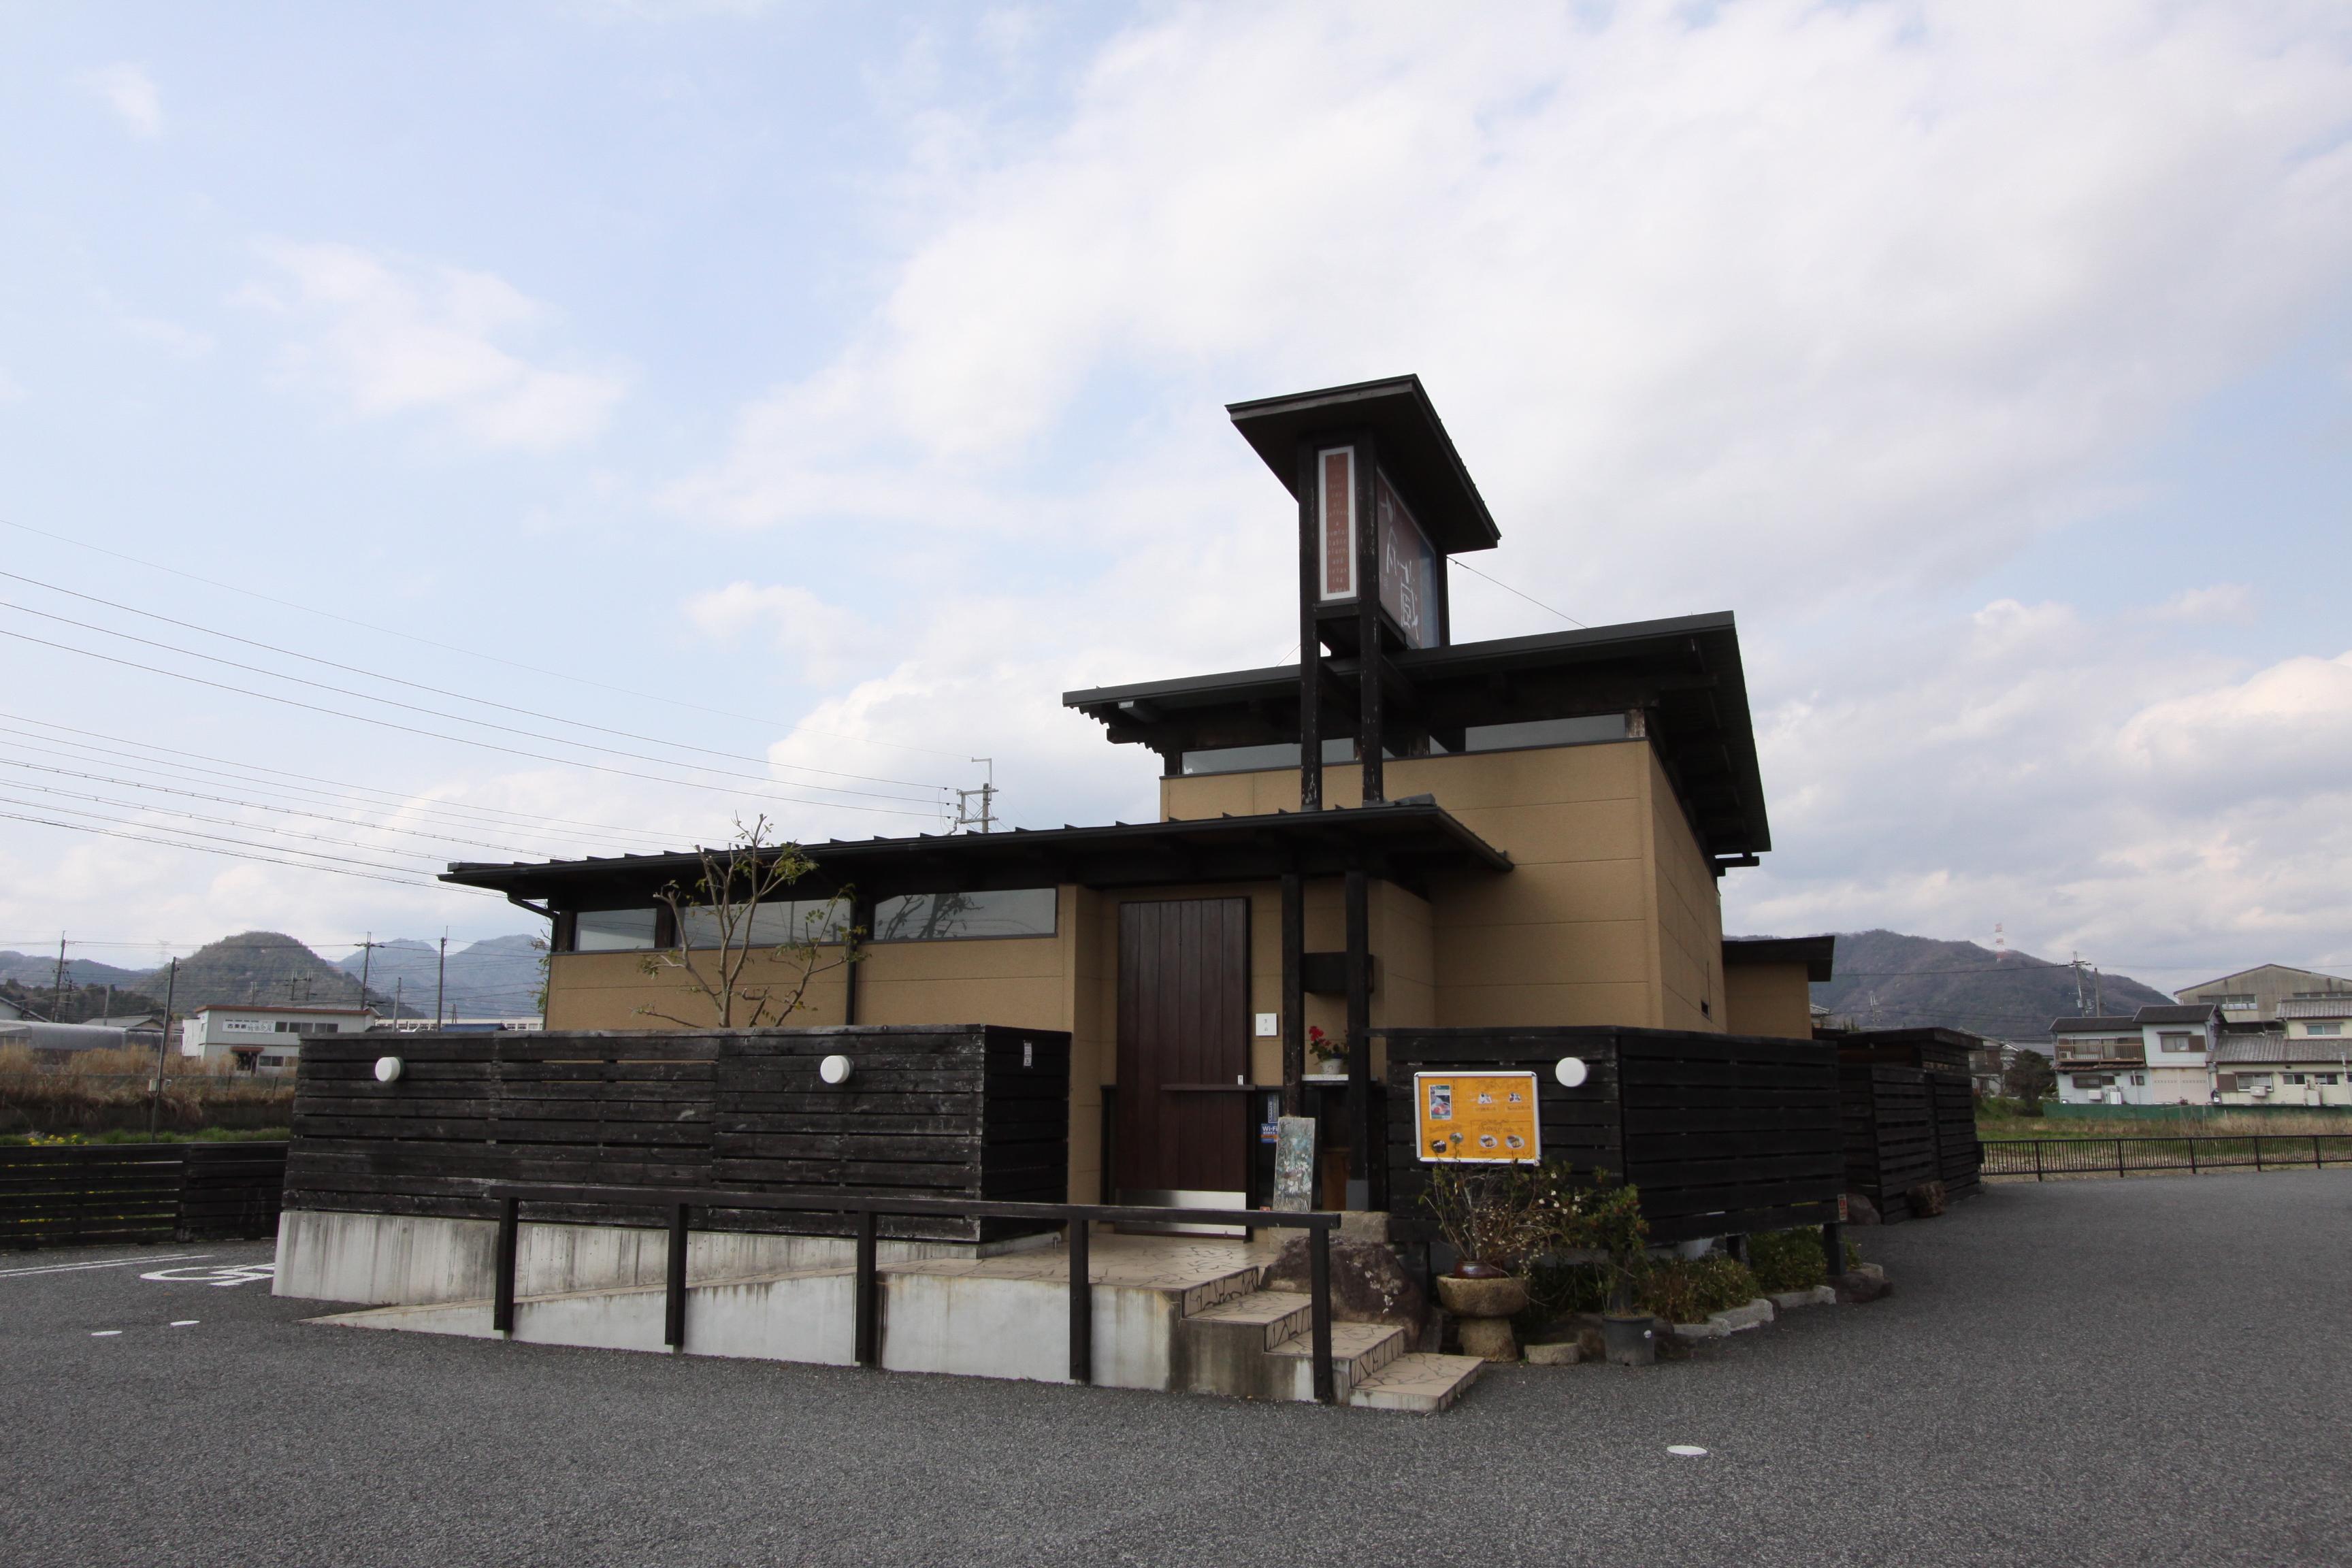 姫路のSNS映えするモダンな喫茶店